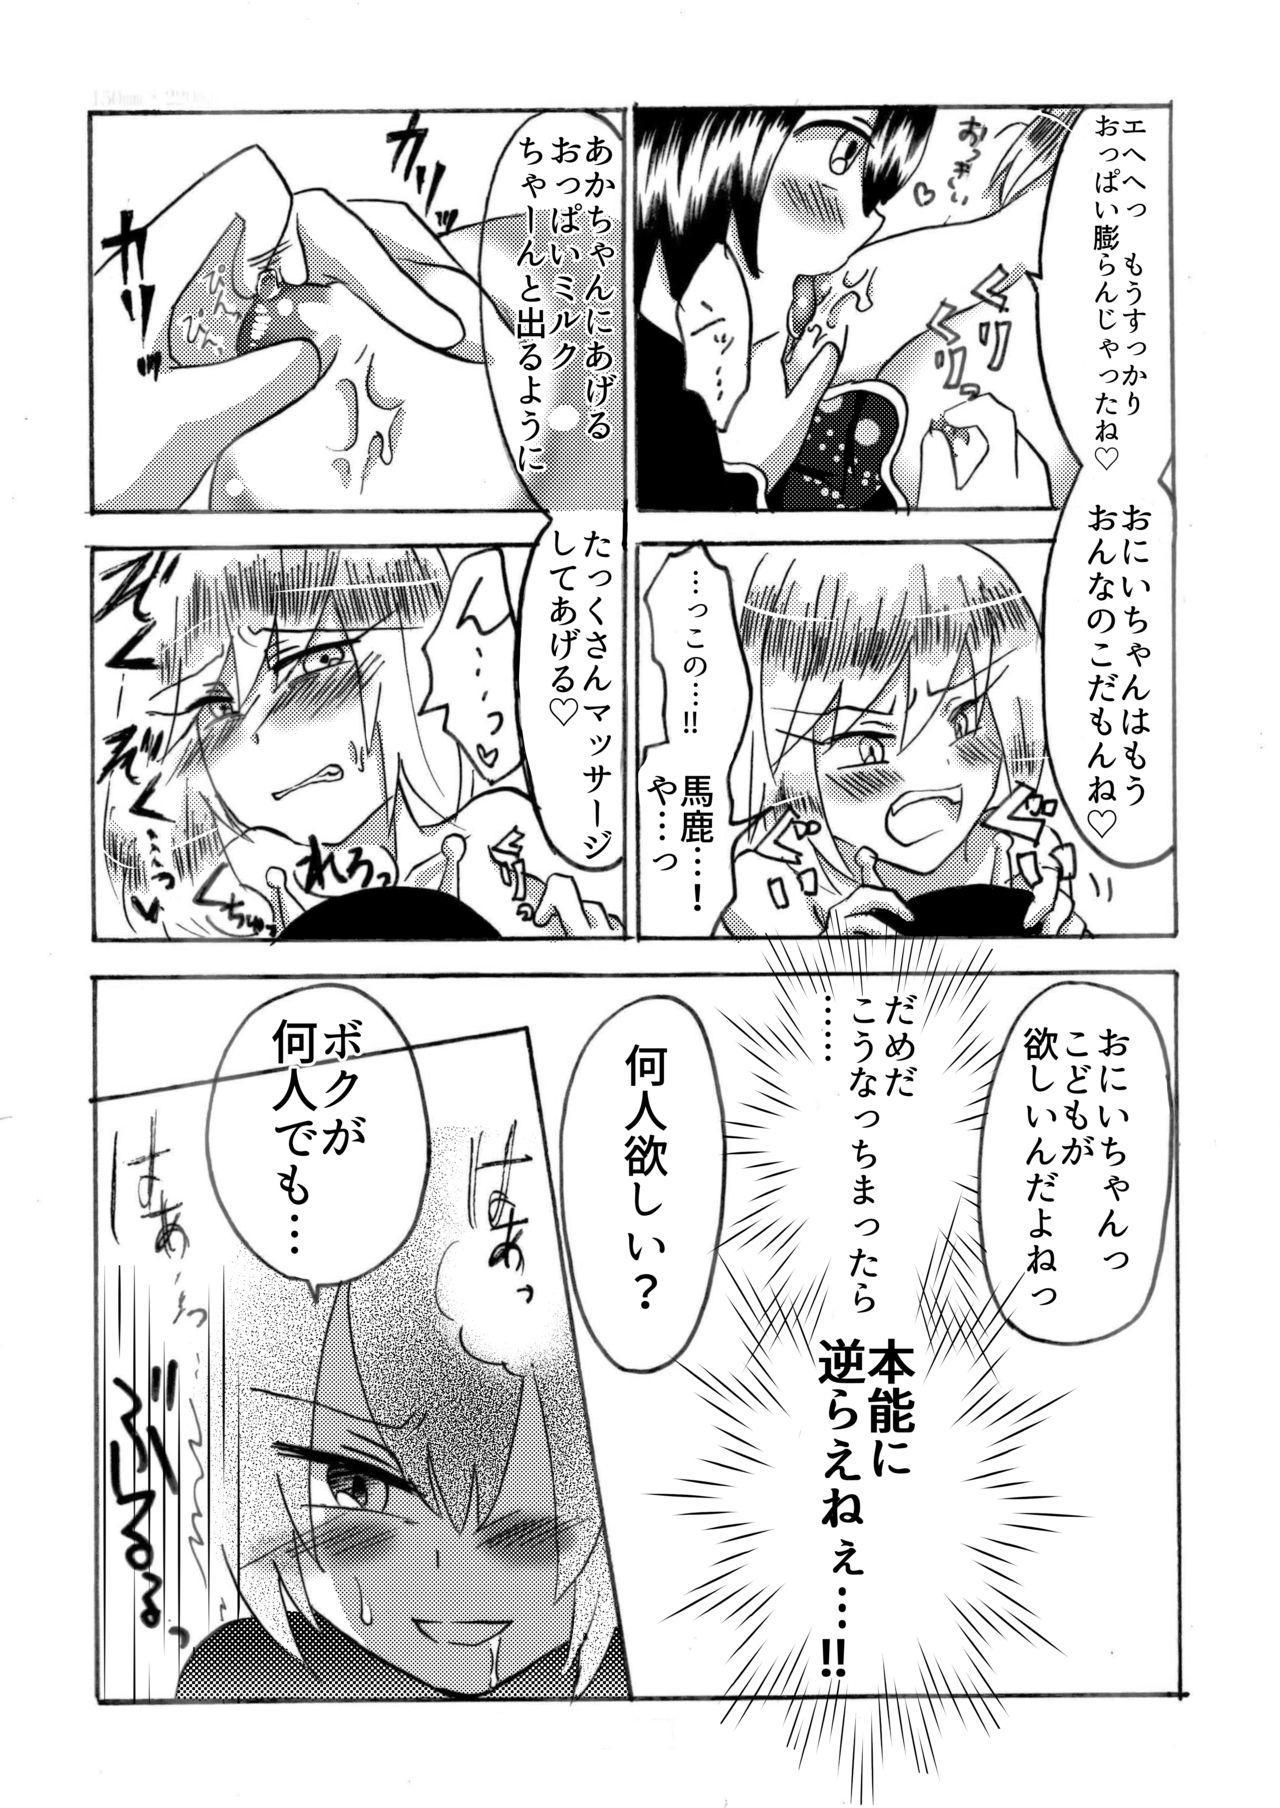 Hira-zoku no Hanashi 28